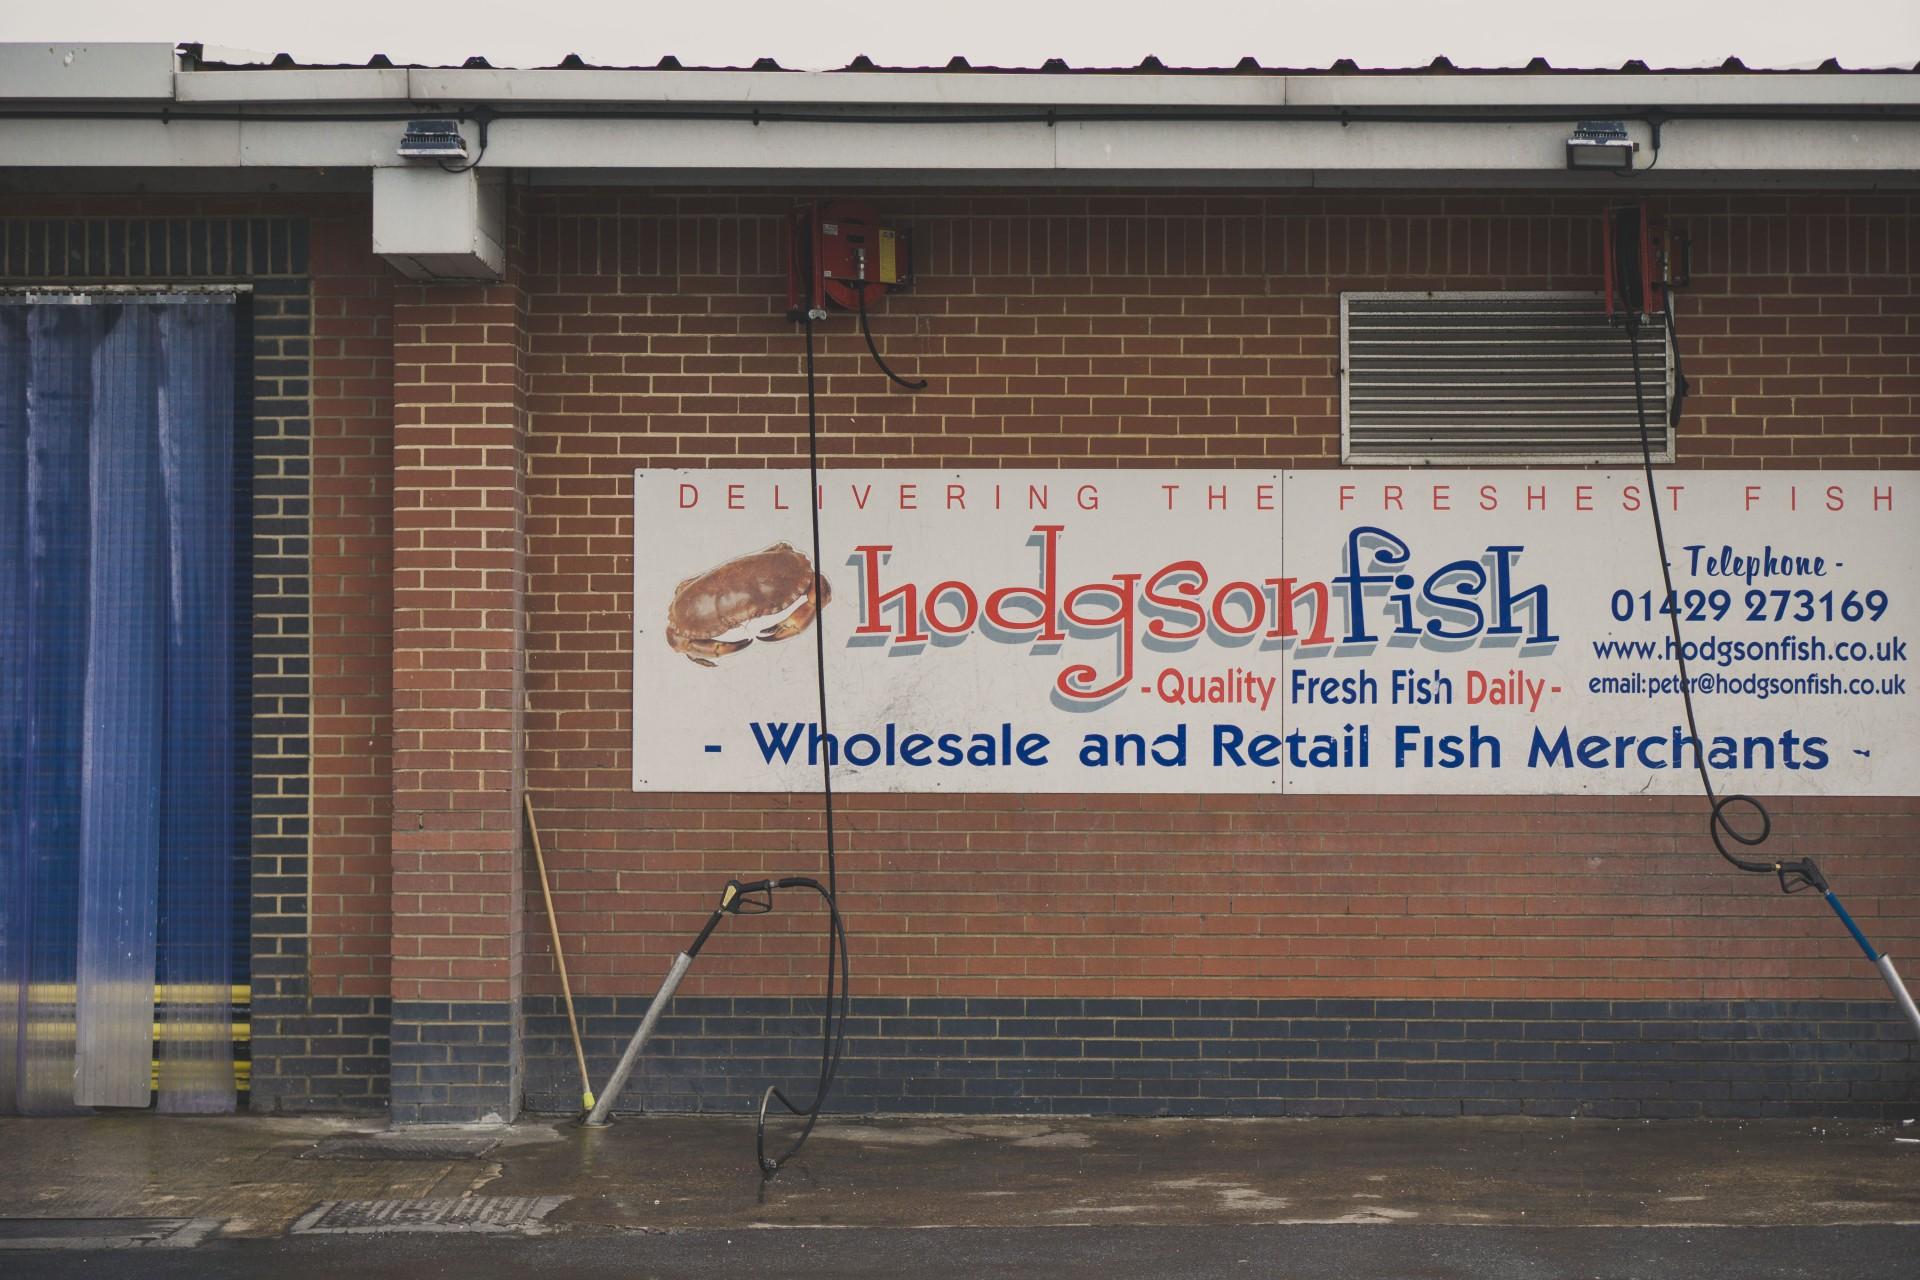 1906_Hodgsons Fish Visit_Sea_Boat_Producer-8